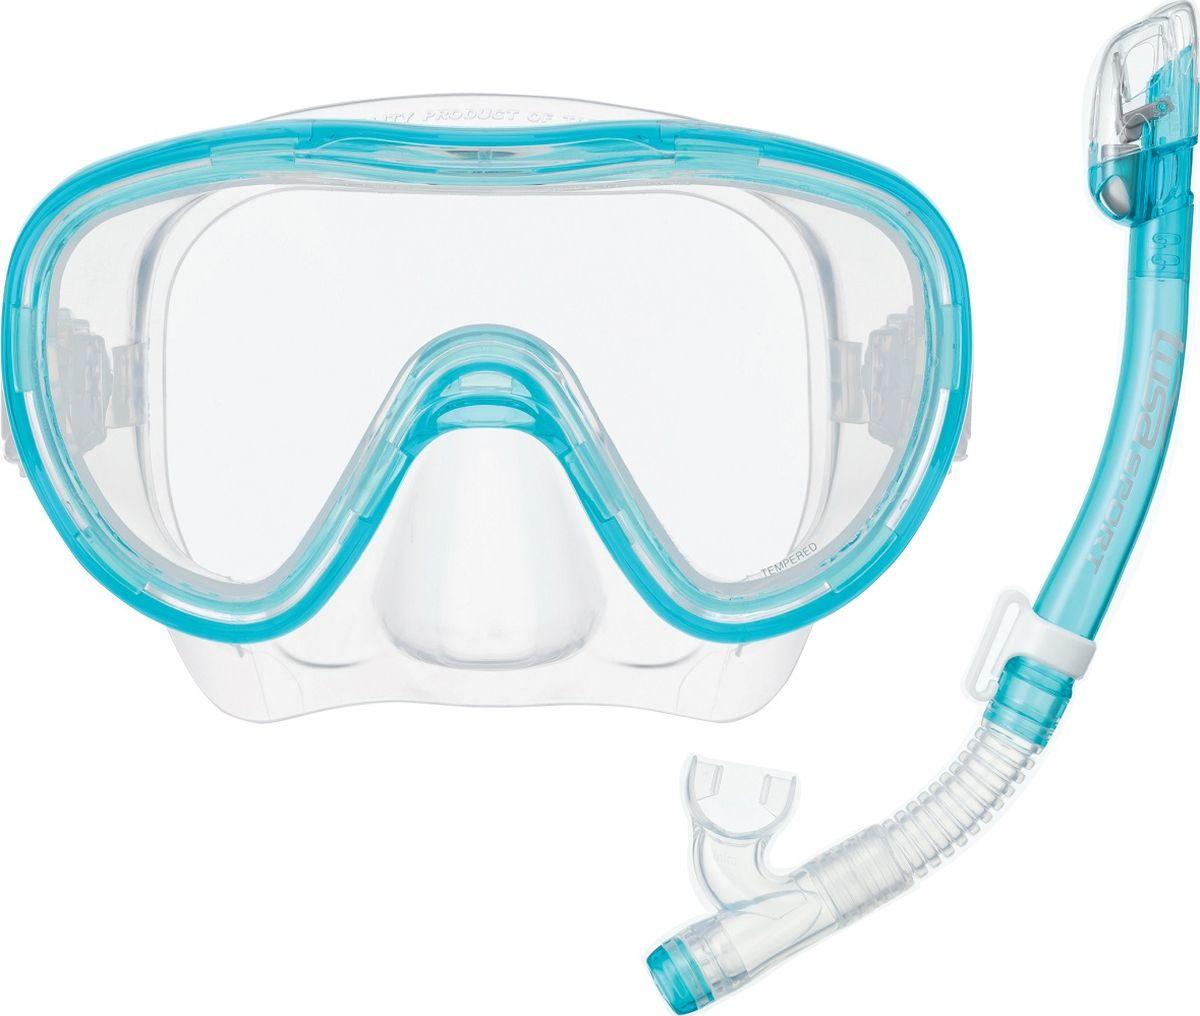 Детский комплект для плавания Tusa Sport, цвет: бирюзовый. UCR1126 LBUCR1126 LBКомплект маска+трубка TUSA Sport UCR-1126• Одностекольная маска с панорамным обзором.• Закаленное безопасное стекло Tempered Glass.• Пряжки ремешка маски закреплены непосредственно на силиконовом обтюраторе, что позволяет комфортно адаптировать положение ремешка под любую форму головы.• Трубка оснащена запатентованным сухим верхним клапаном Hyperdry Elite, который предотвращает попадание воды в трубку при погружении под воду.• В нижнем сегменте трубки расположена дренажная камера с клапаном Hyperdry, через который вода легко удаляется из трубки.• Гофрированный силиконовый нижний сегмент позволяет комфортно подвести загубник трубки ко рту.• Орто-загубник снижает нагрузку на челюстные мышцы.• Трубка крепится на ремешок маски быстросъемным зажимом.• Обтюратор и ремешок маски, загубник и гофрированный сегмент трубки изготовлены из 100% гипоаллергенного силикона.• Компактные размеры маски и трубки хорошо подходят подросткам и взрослым с лицами средних размеров.• Цвета: BK/BK (черный с черным силиконом), LB (голубой с прозрачным силиконом)